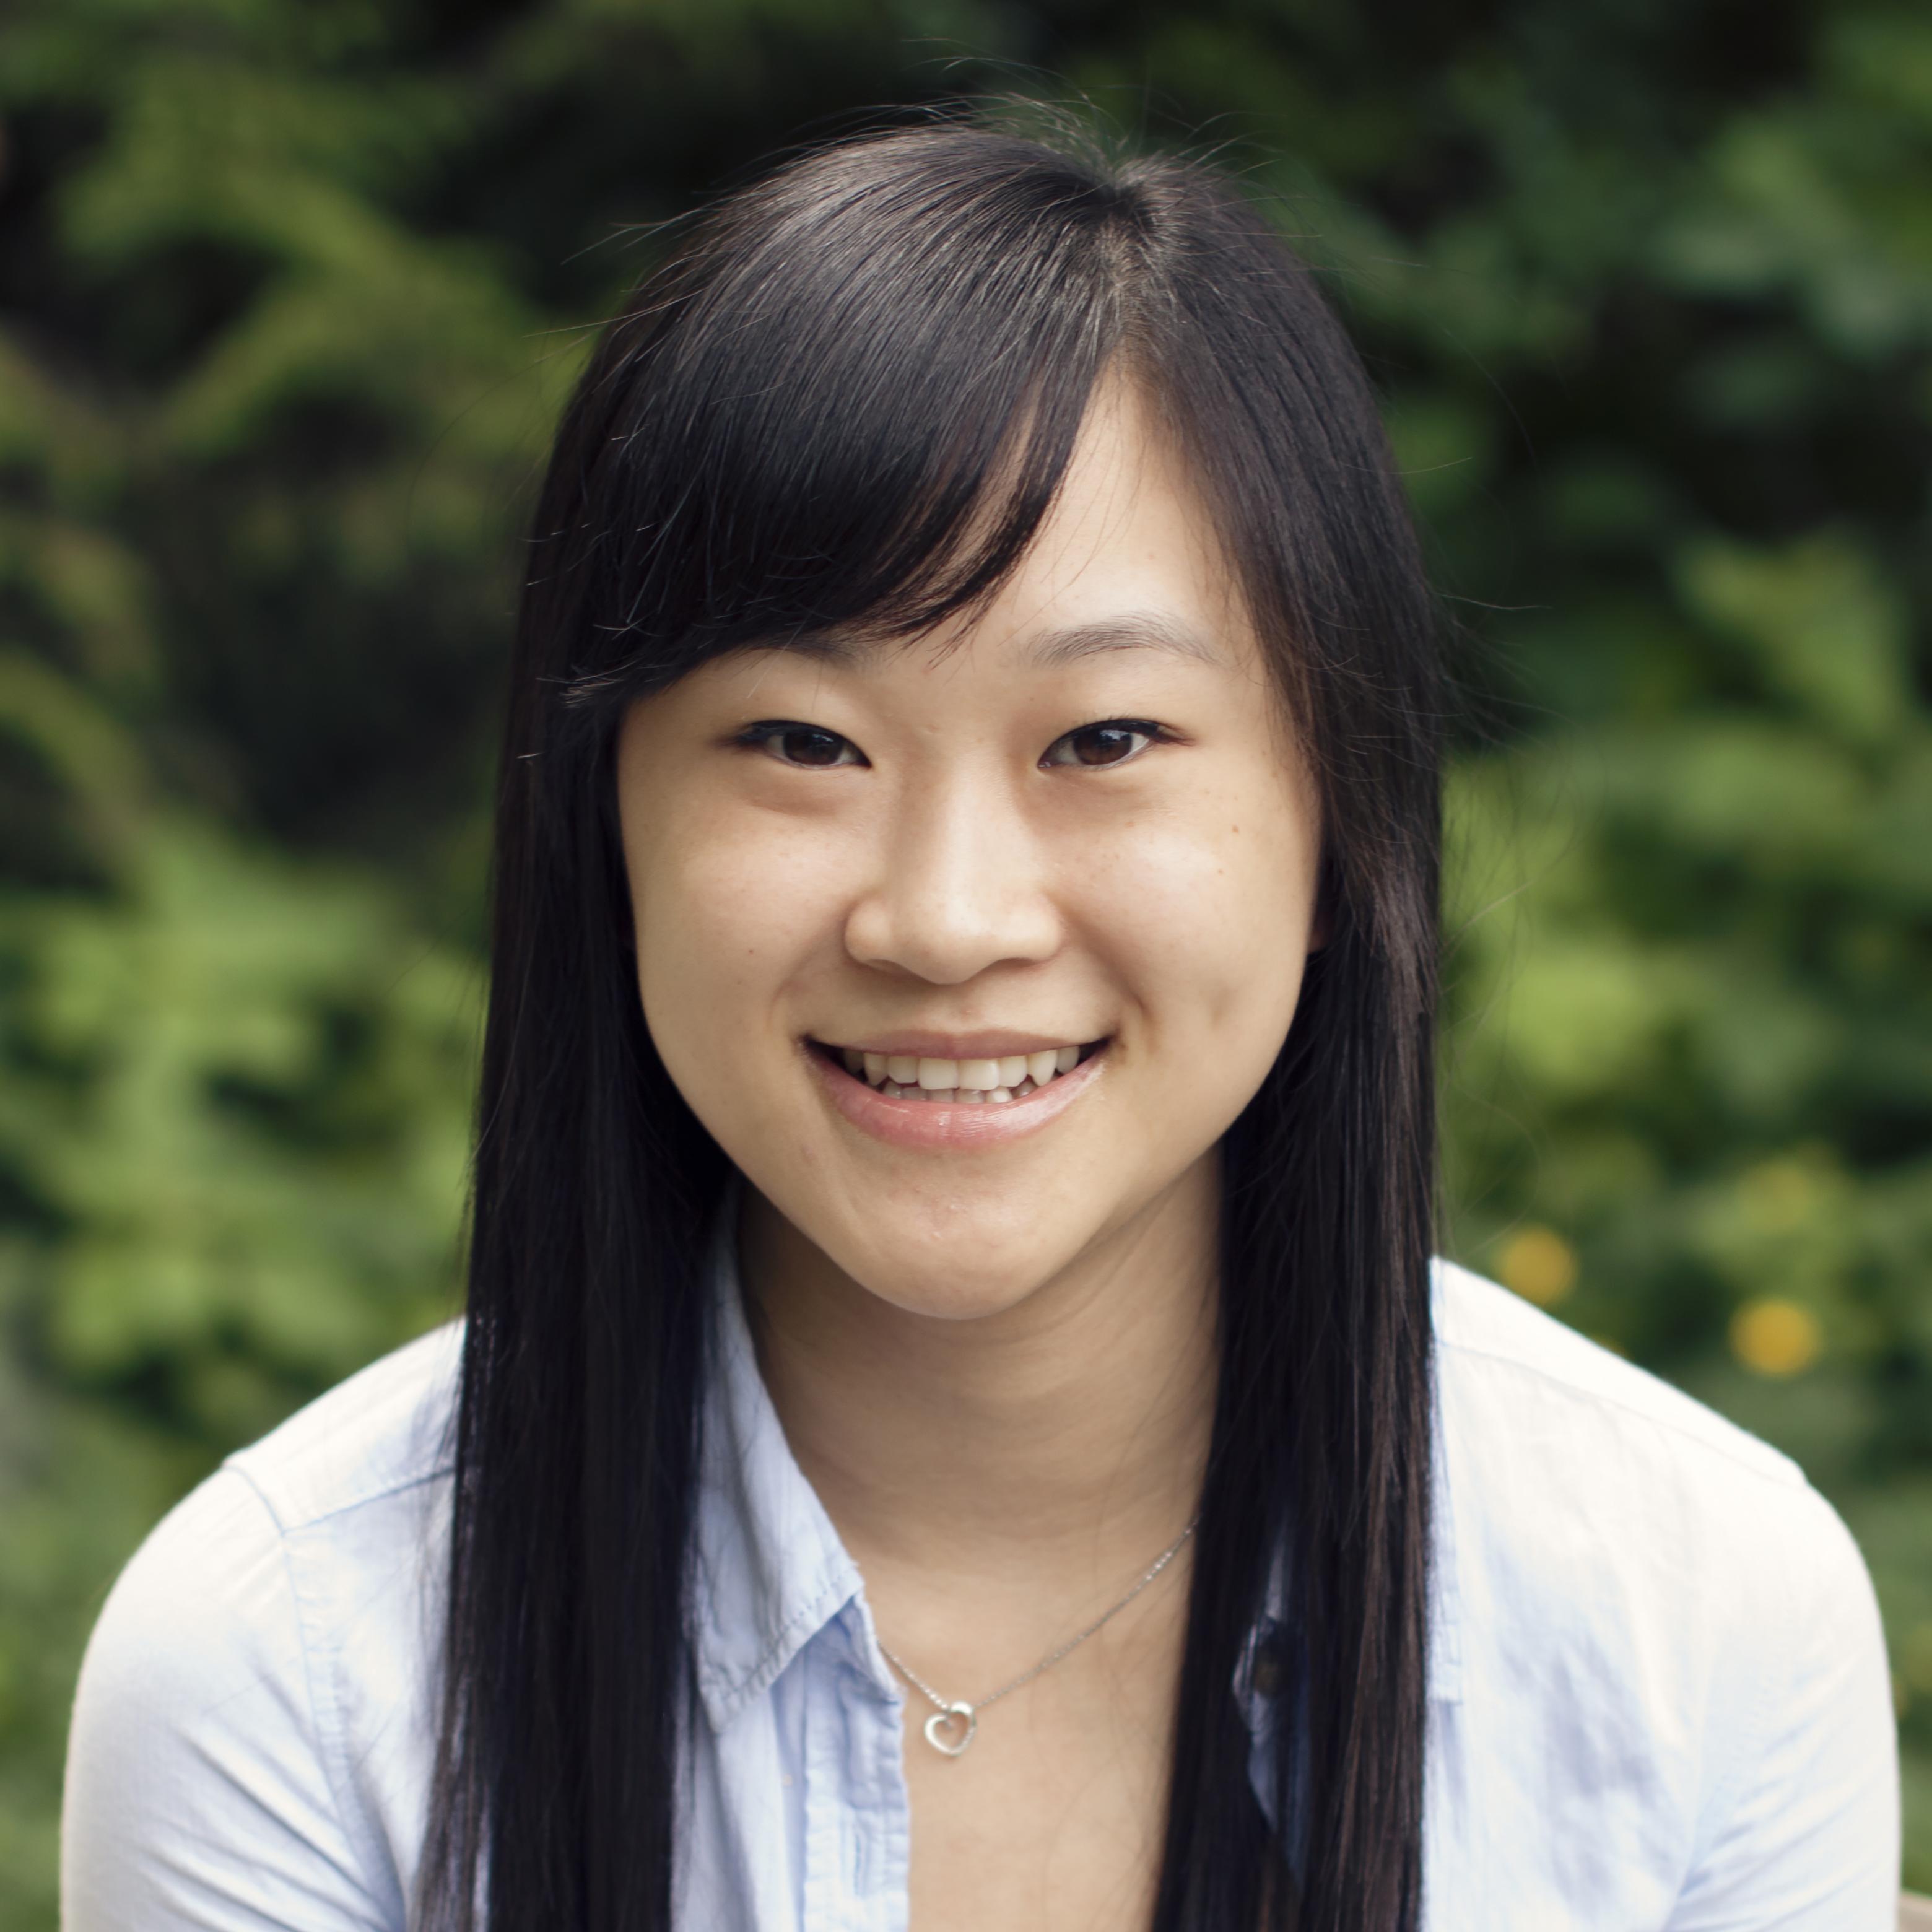 Charlene Chow